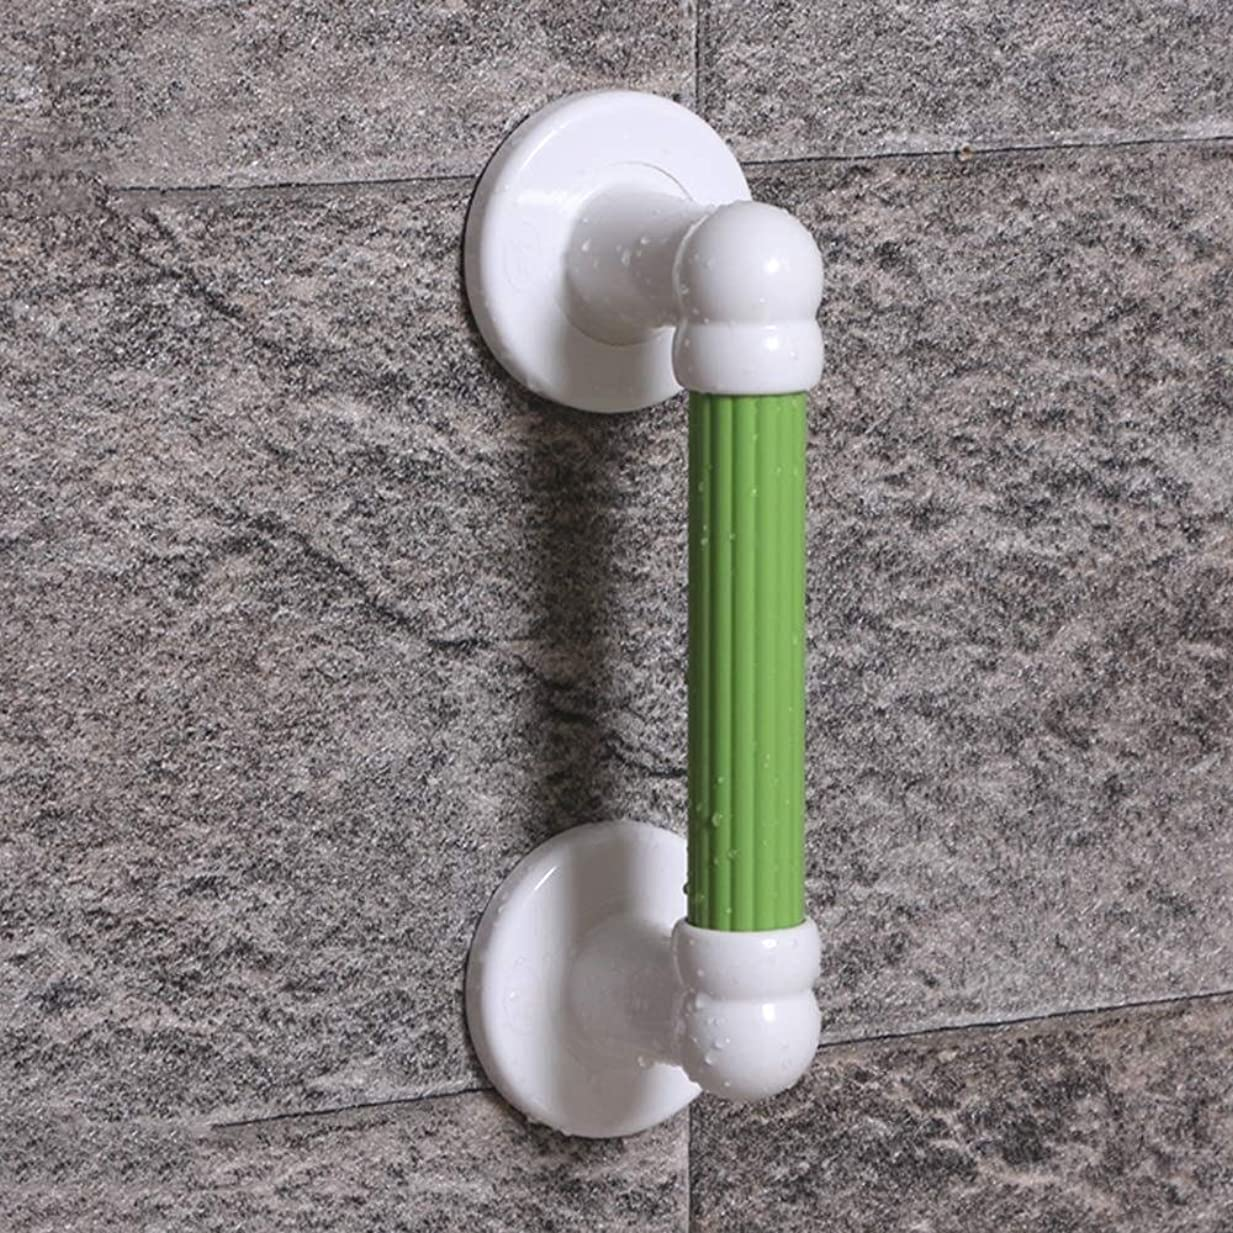 特許パンサー大通りバスグラブバー、シャワーのハンドル、バスタブ、トイレ、バスルーム、キッチン、階段手すり、滑り止めグリップのための多機能の目的 (Color : Green, Size : 70cm)